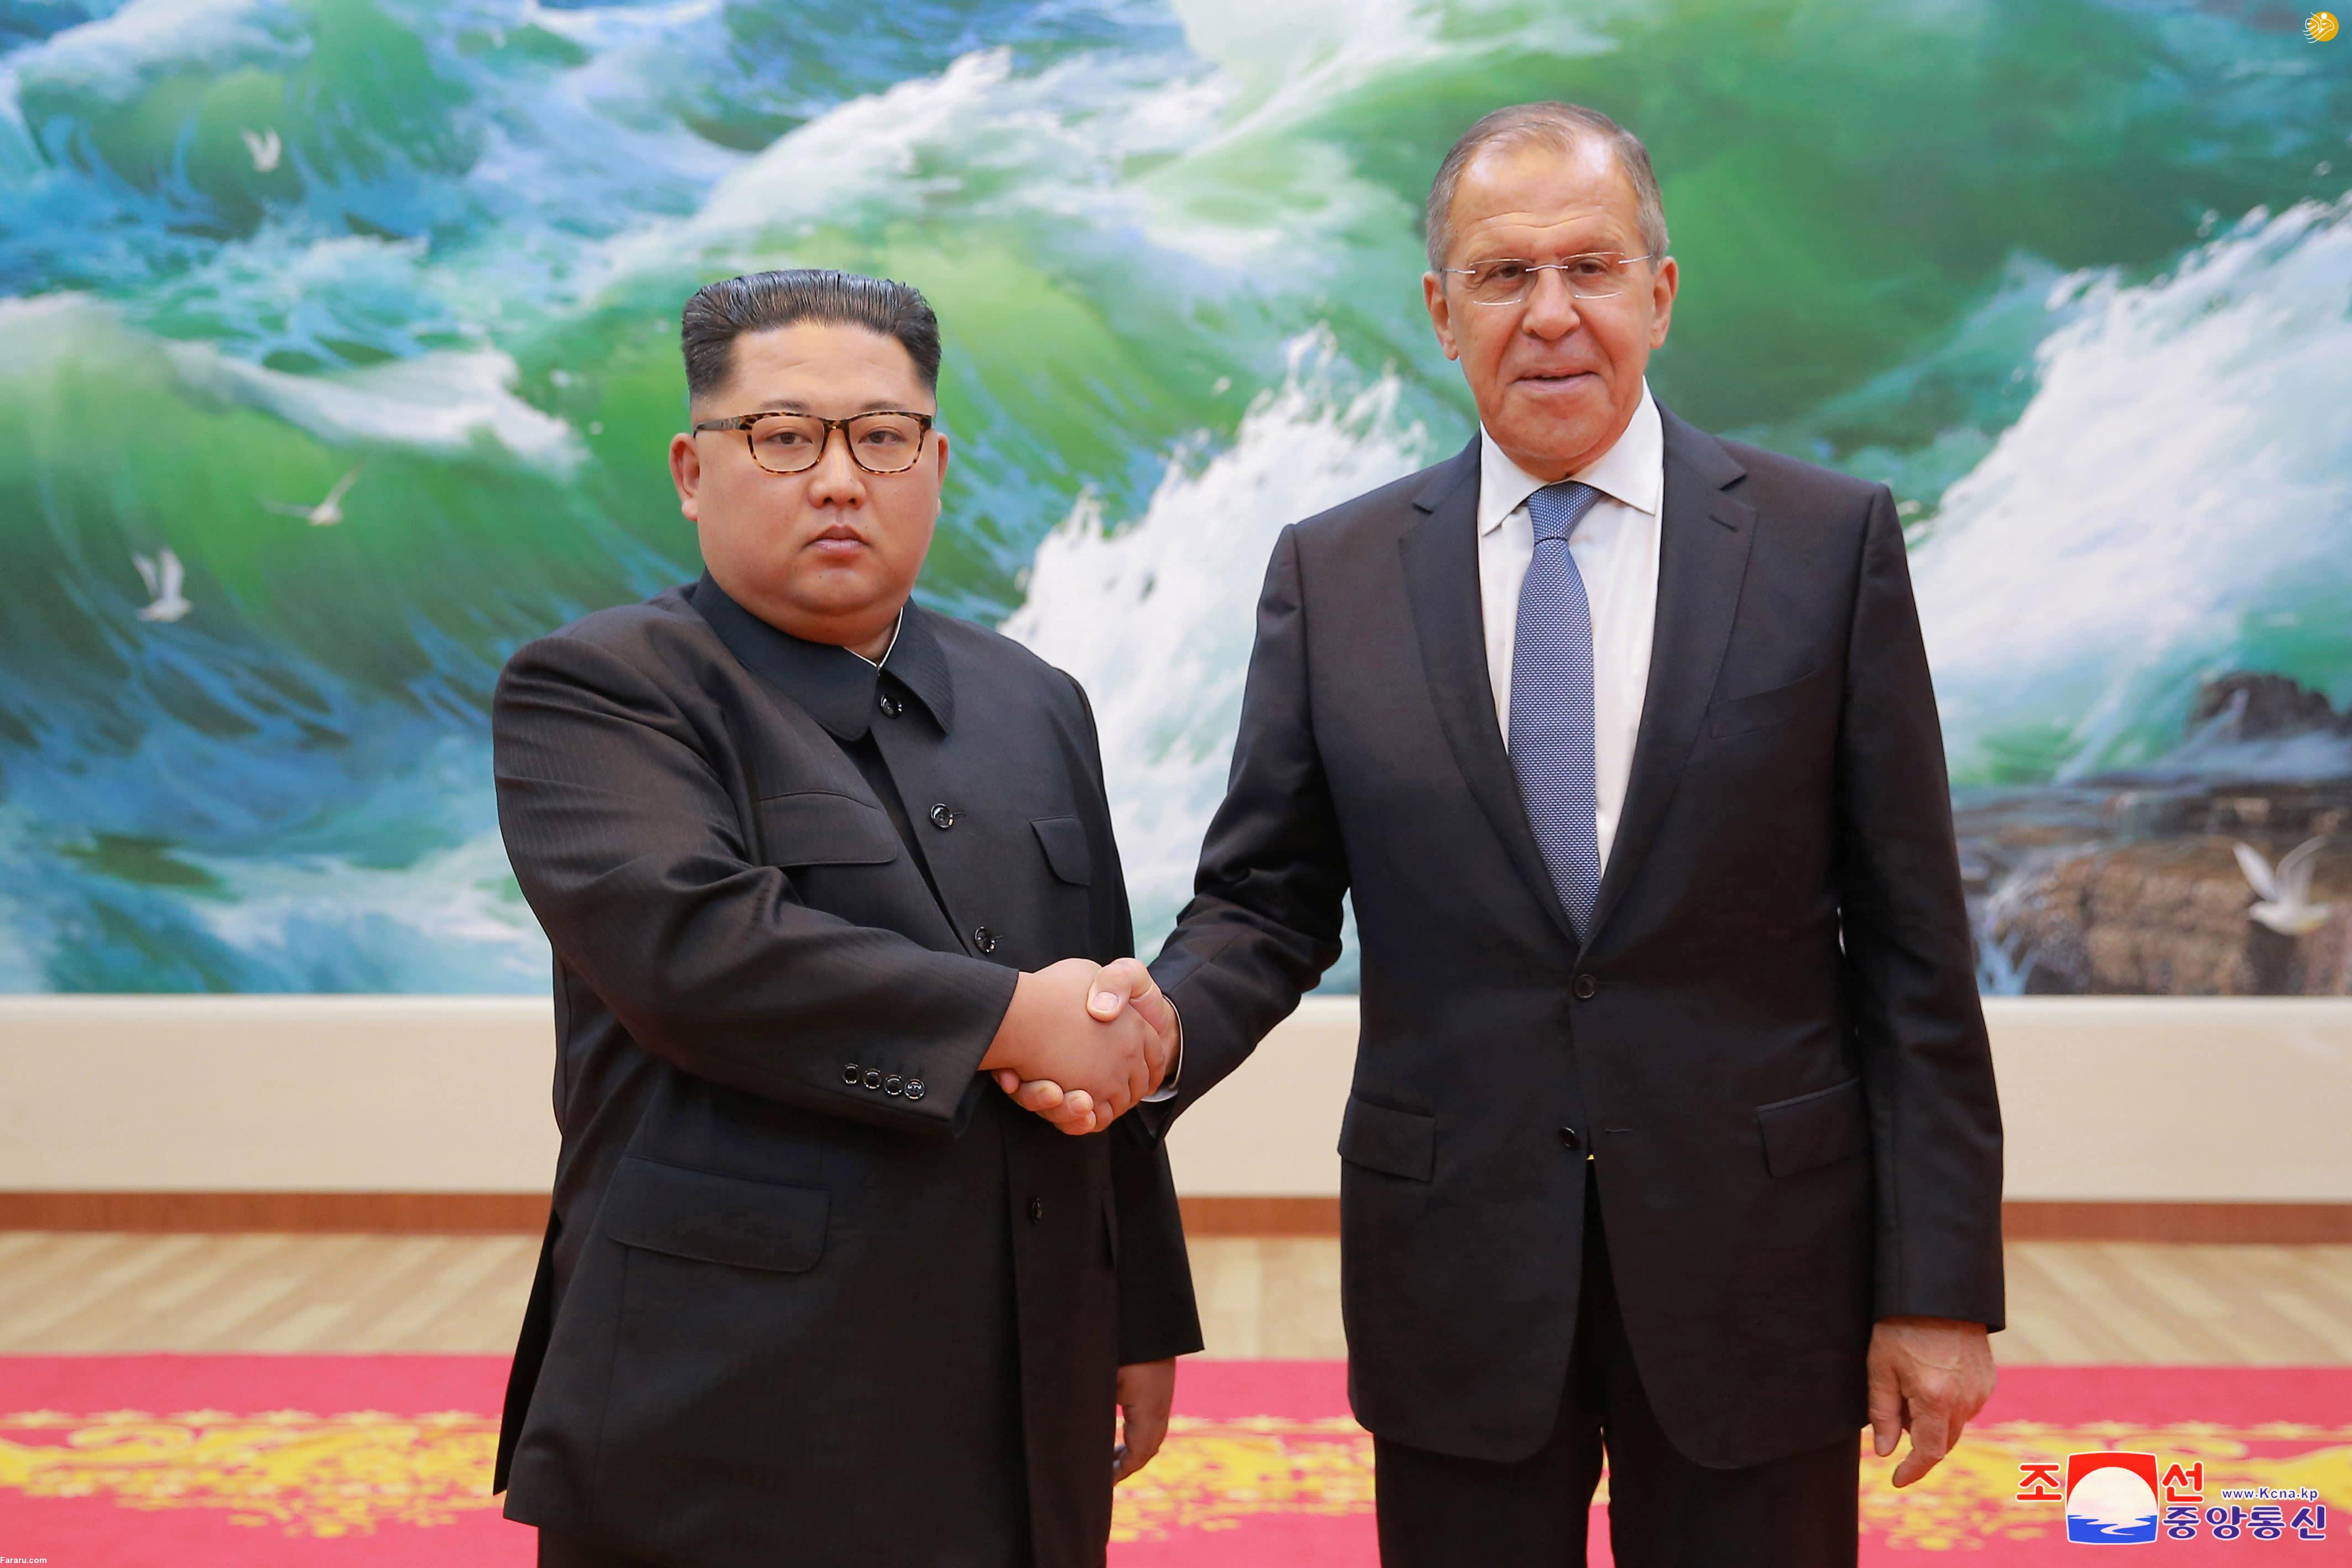 پوتین از دیدار با رهبر کره شمالی چه هدفی دارد؟